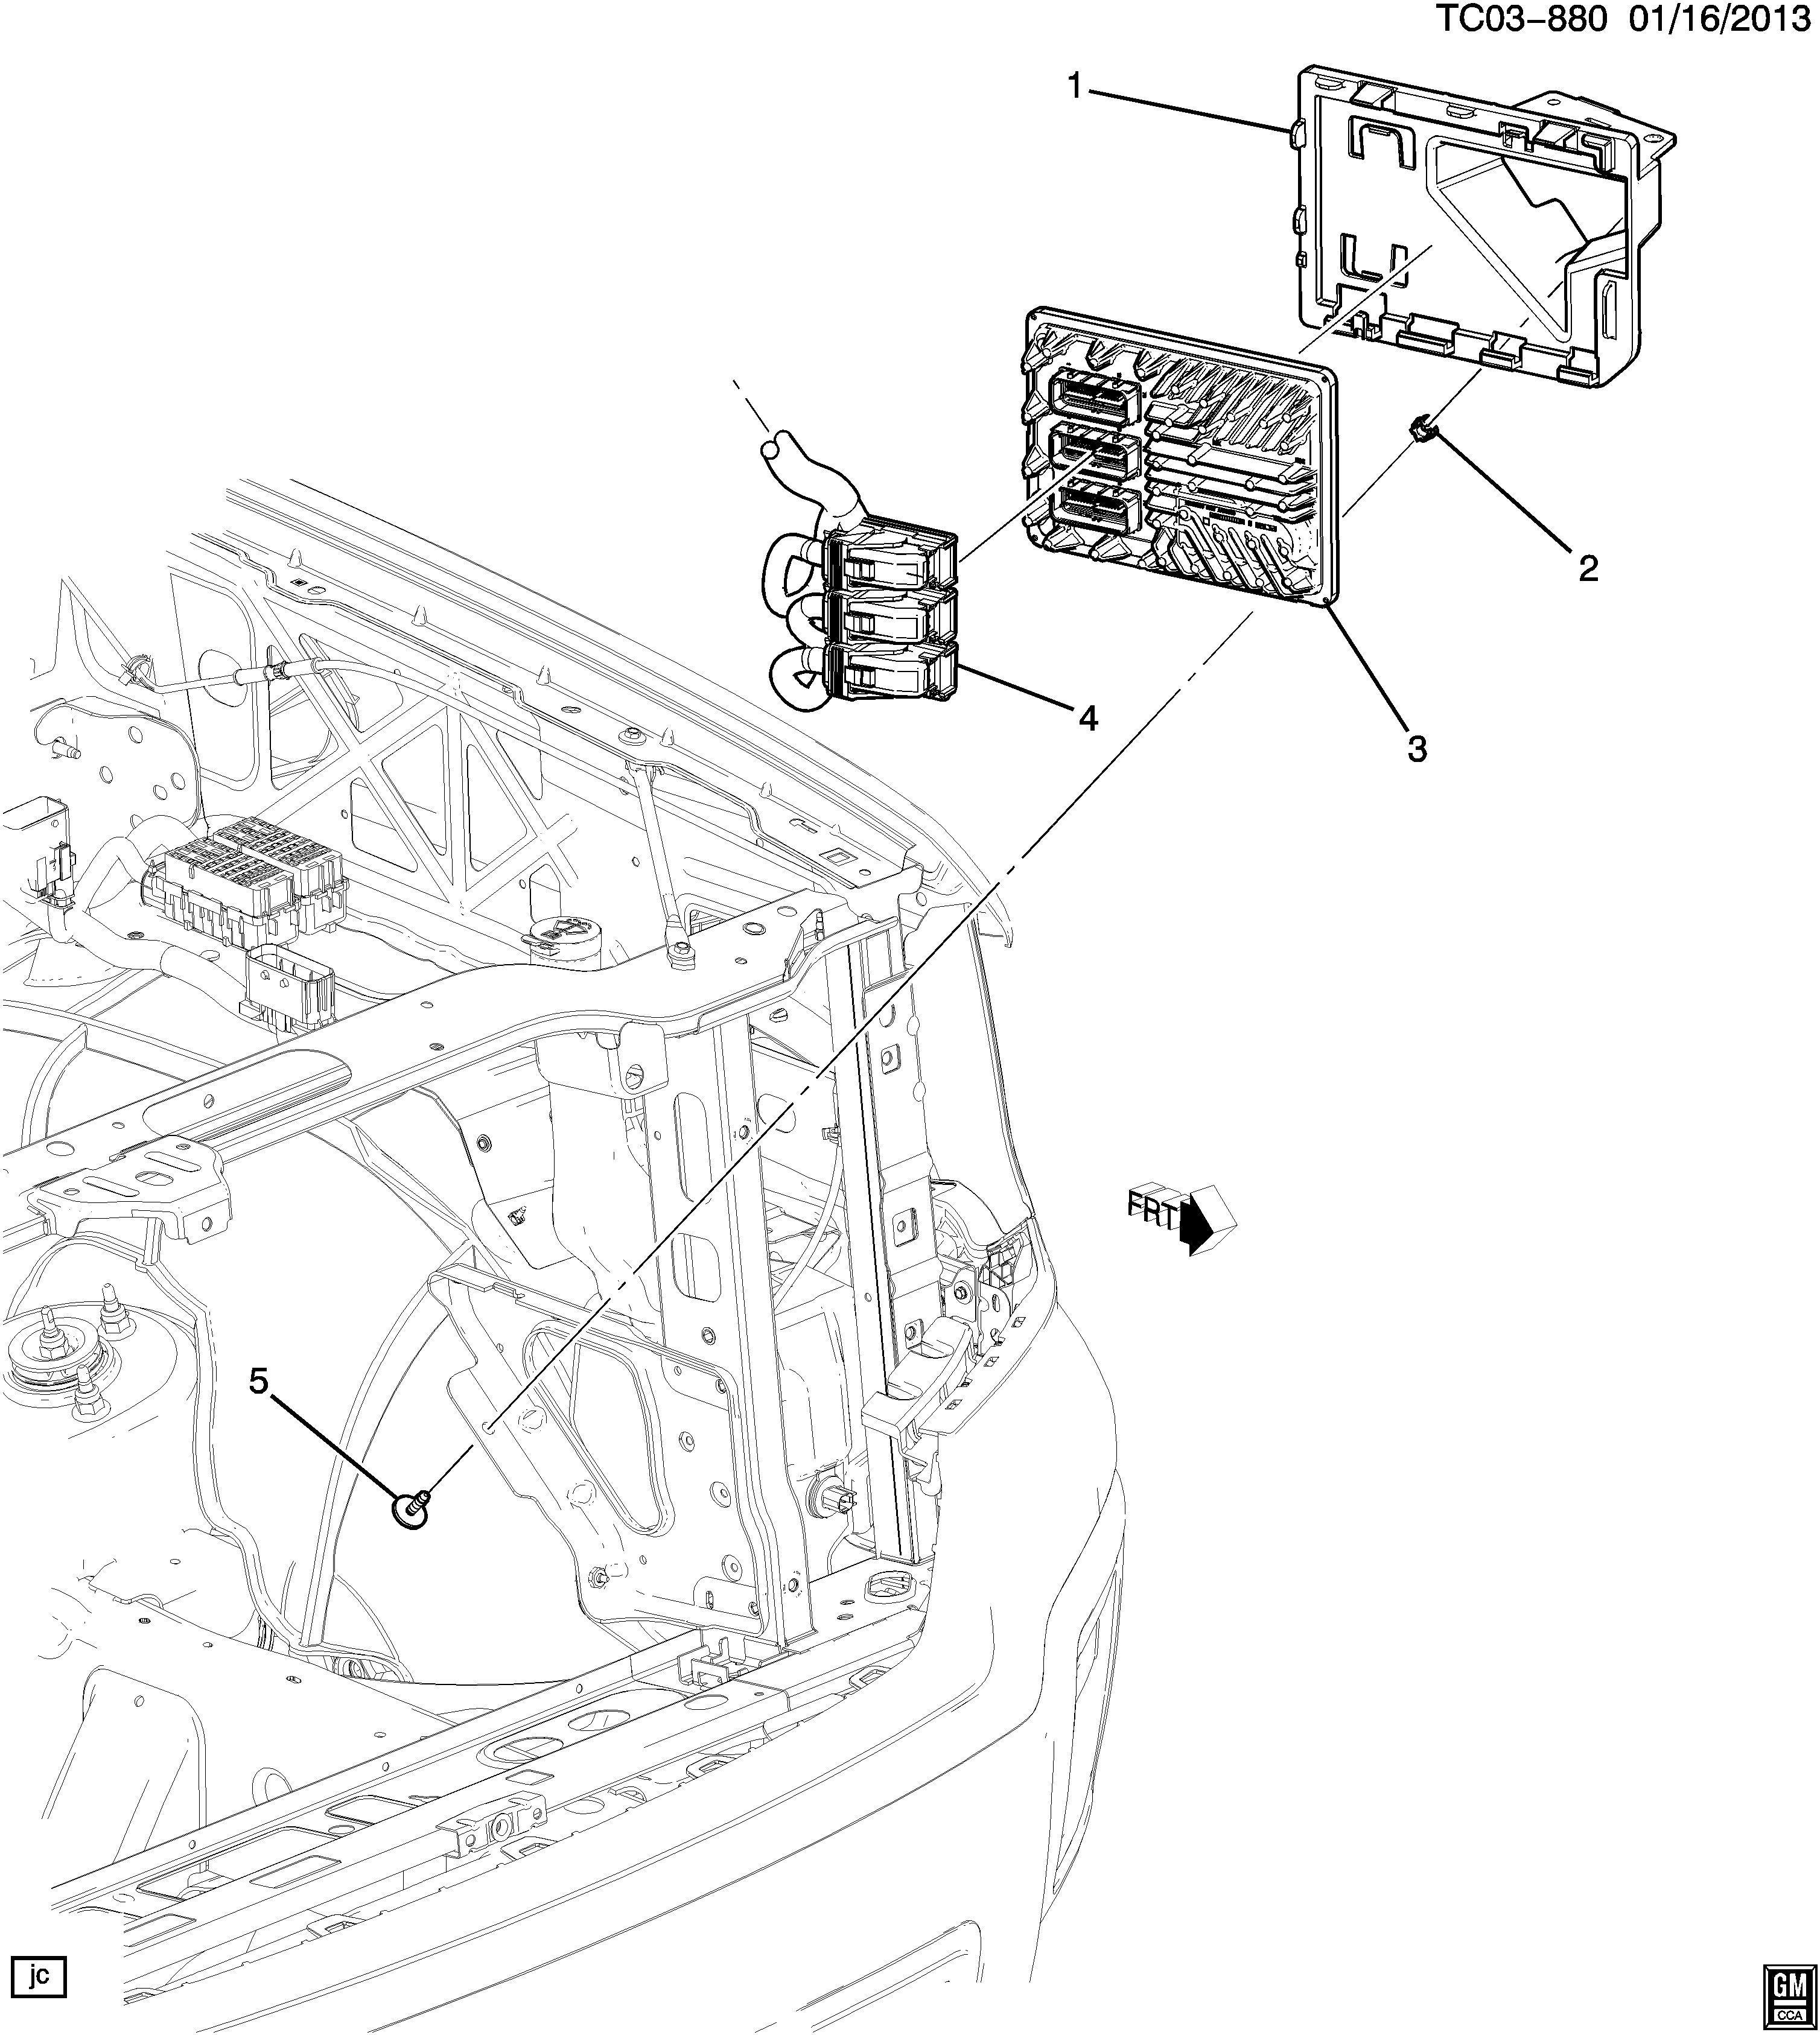 Chevrolet Silverado Module. Emission control system